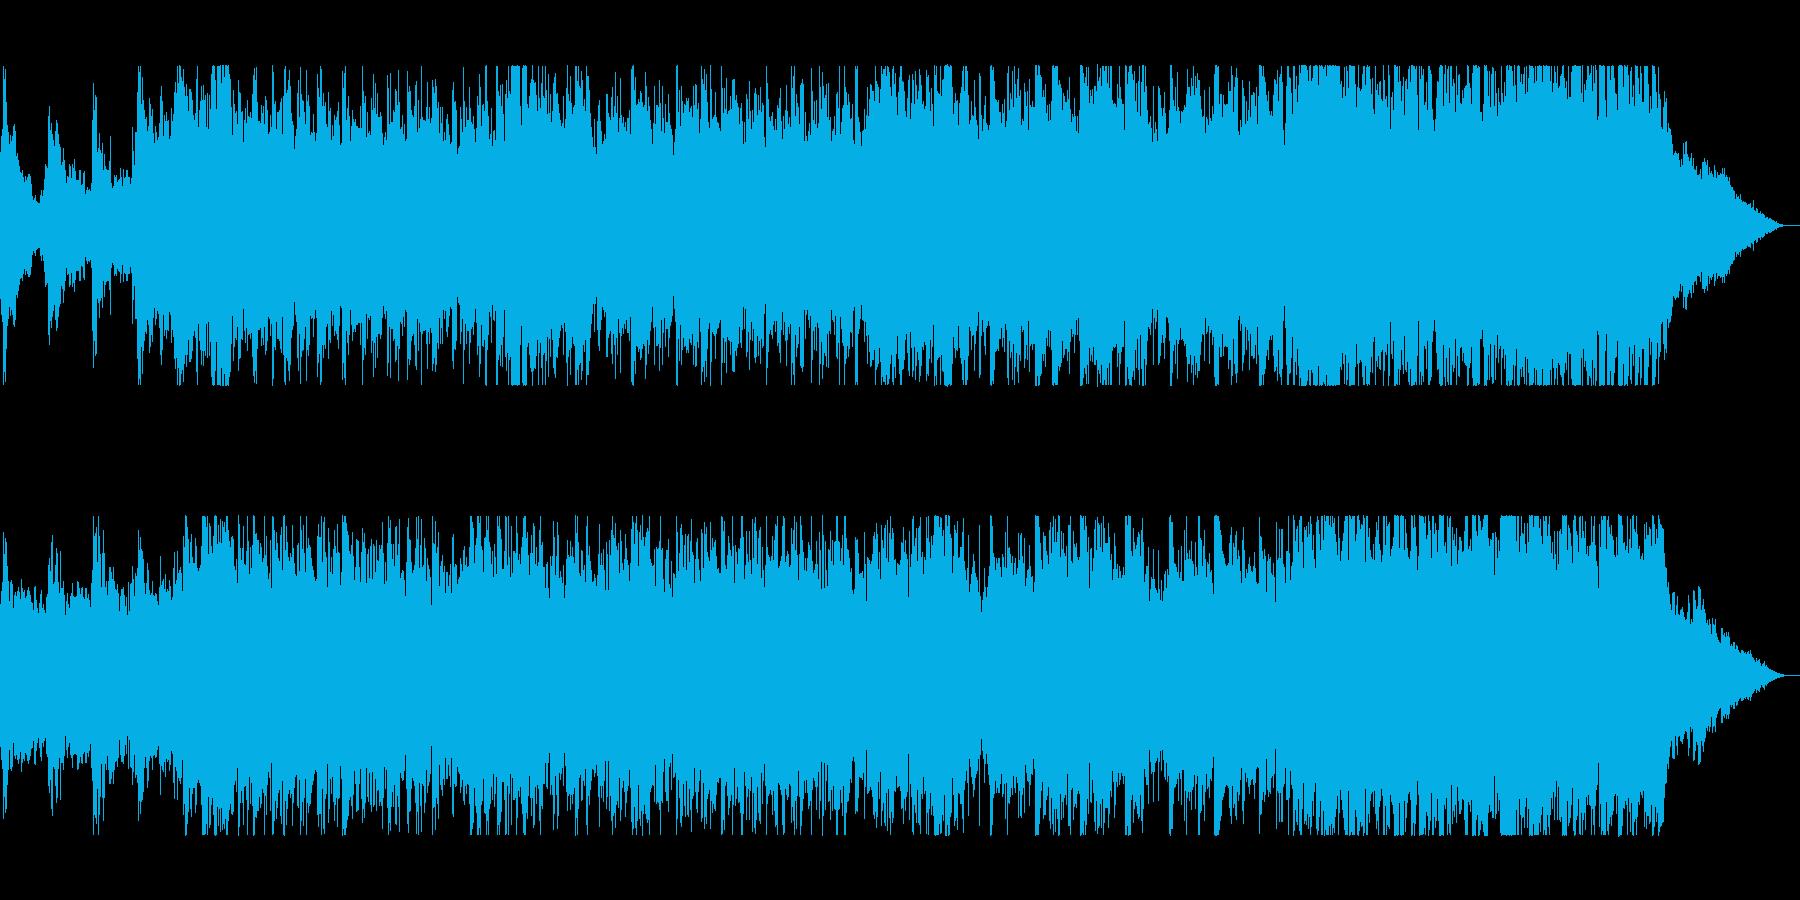 バイオリンの音色が美しく響いたサウンドの再生済みの波形